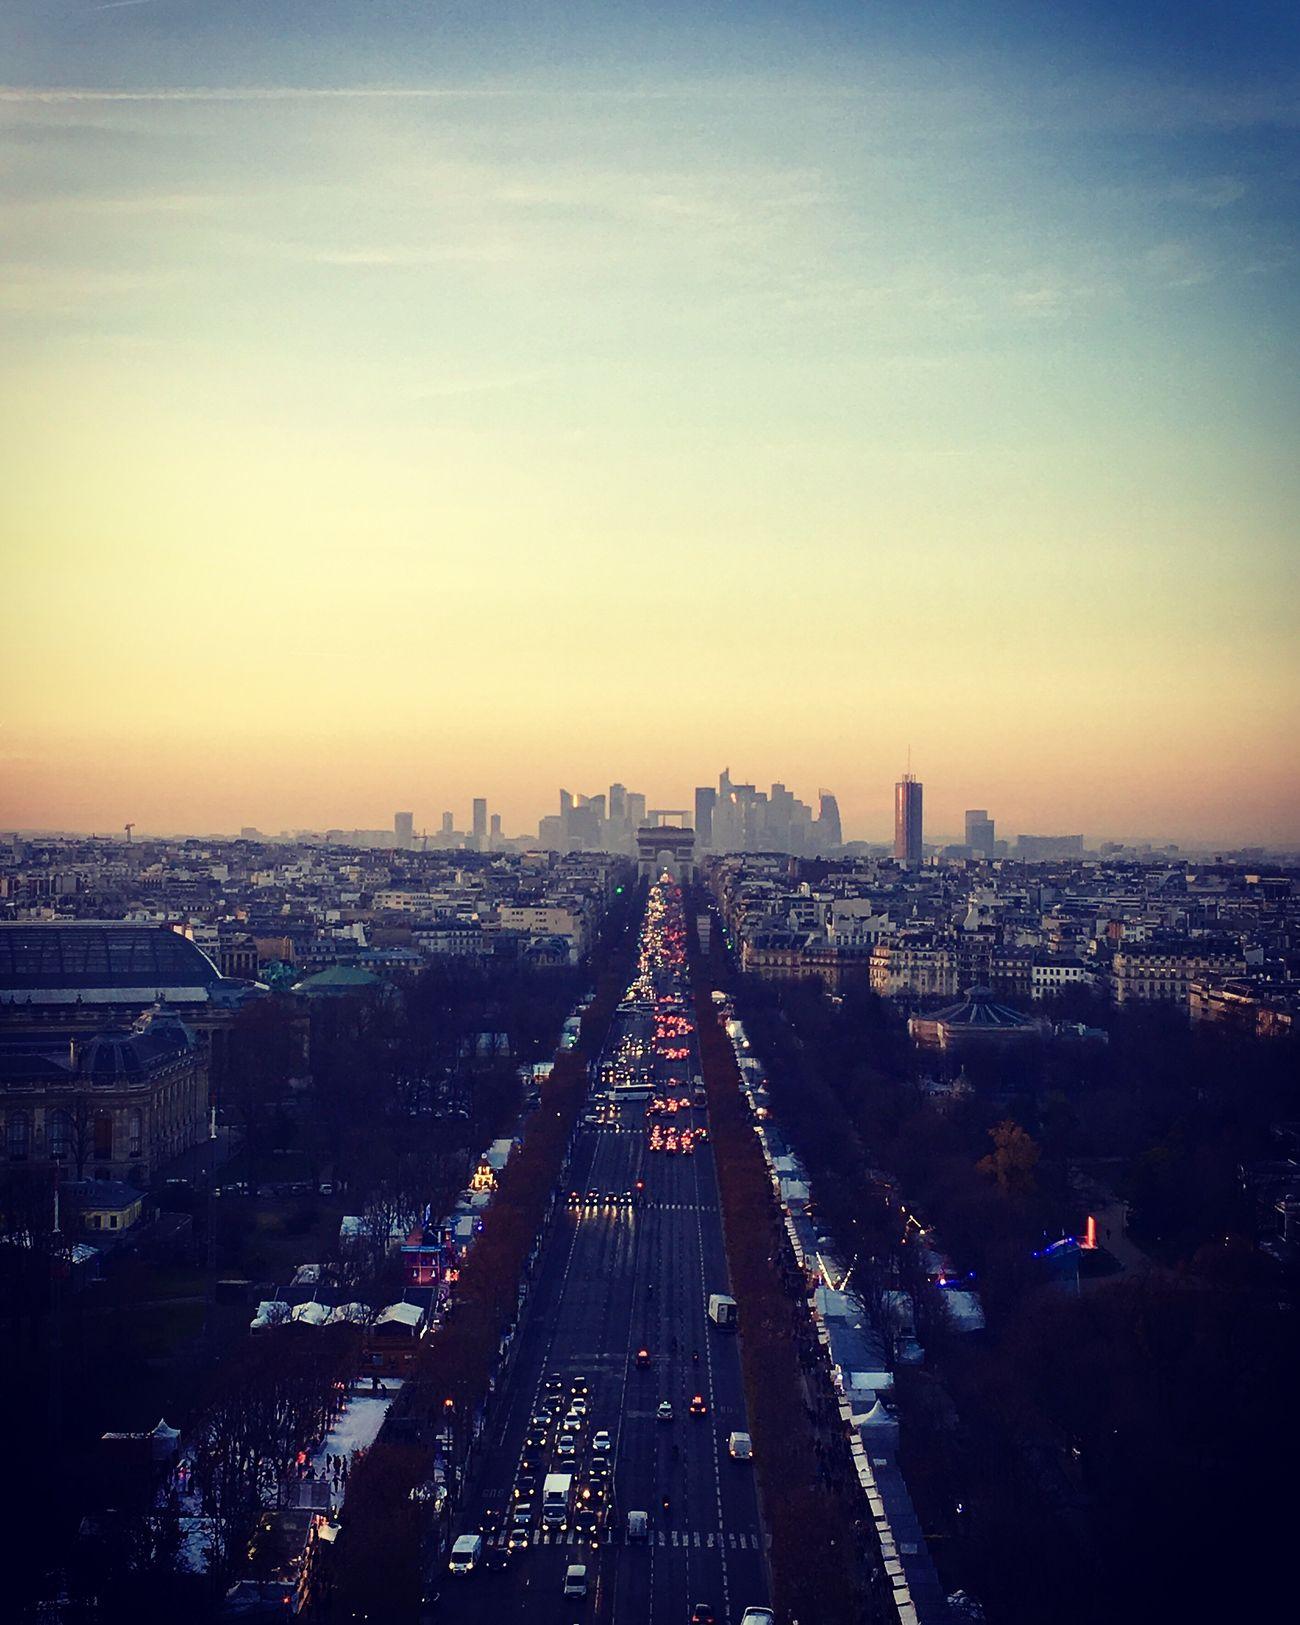 Paris City Skyline Grand Roue De Paris Place De La Concorde , Paris Champs-Élysées  Arc De Triomphe La Défense